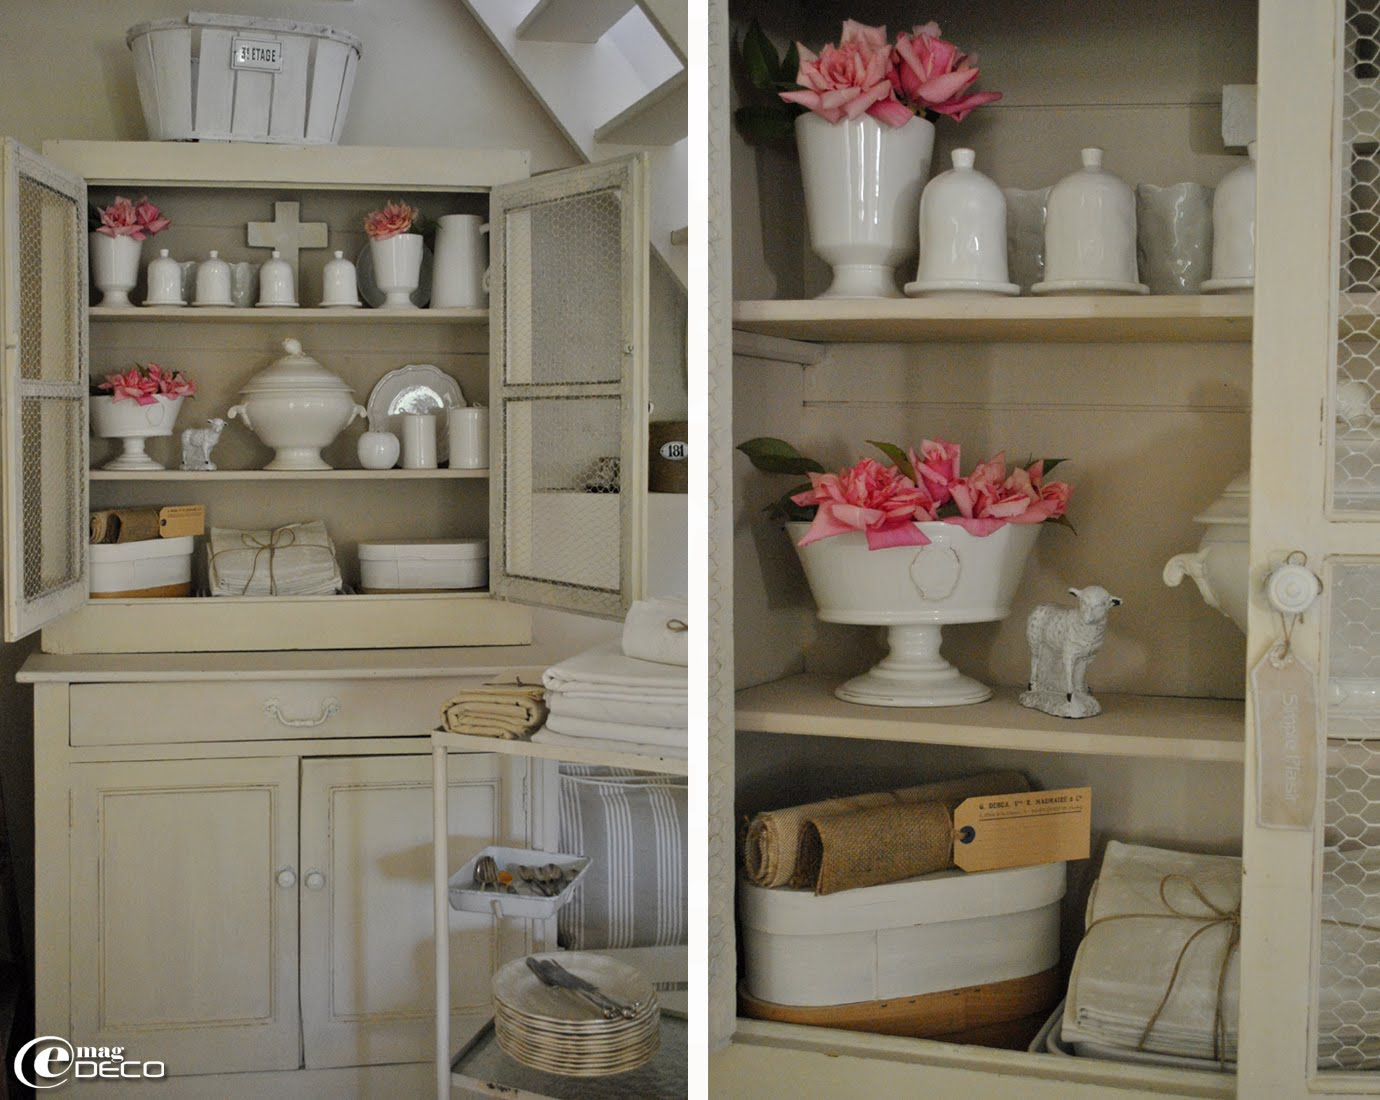 Vaisselle en porcelaine blanche rangée dans un deux corps dans le salon d'Anny, du blog Douce Etoile